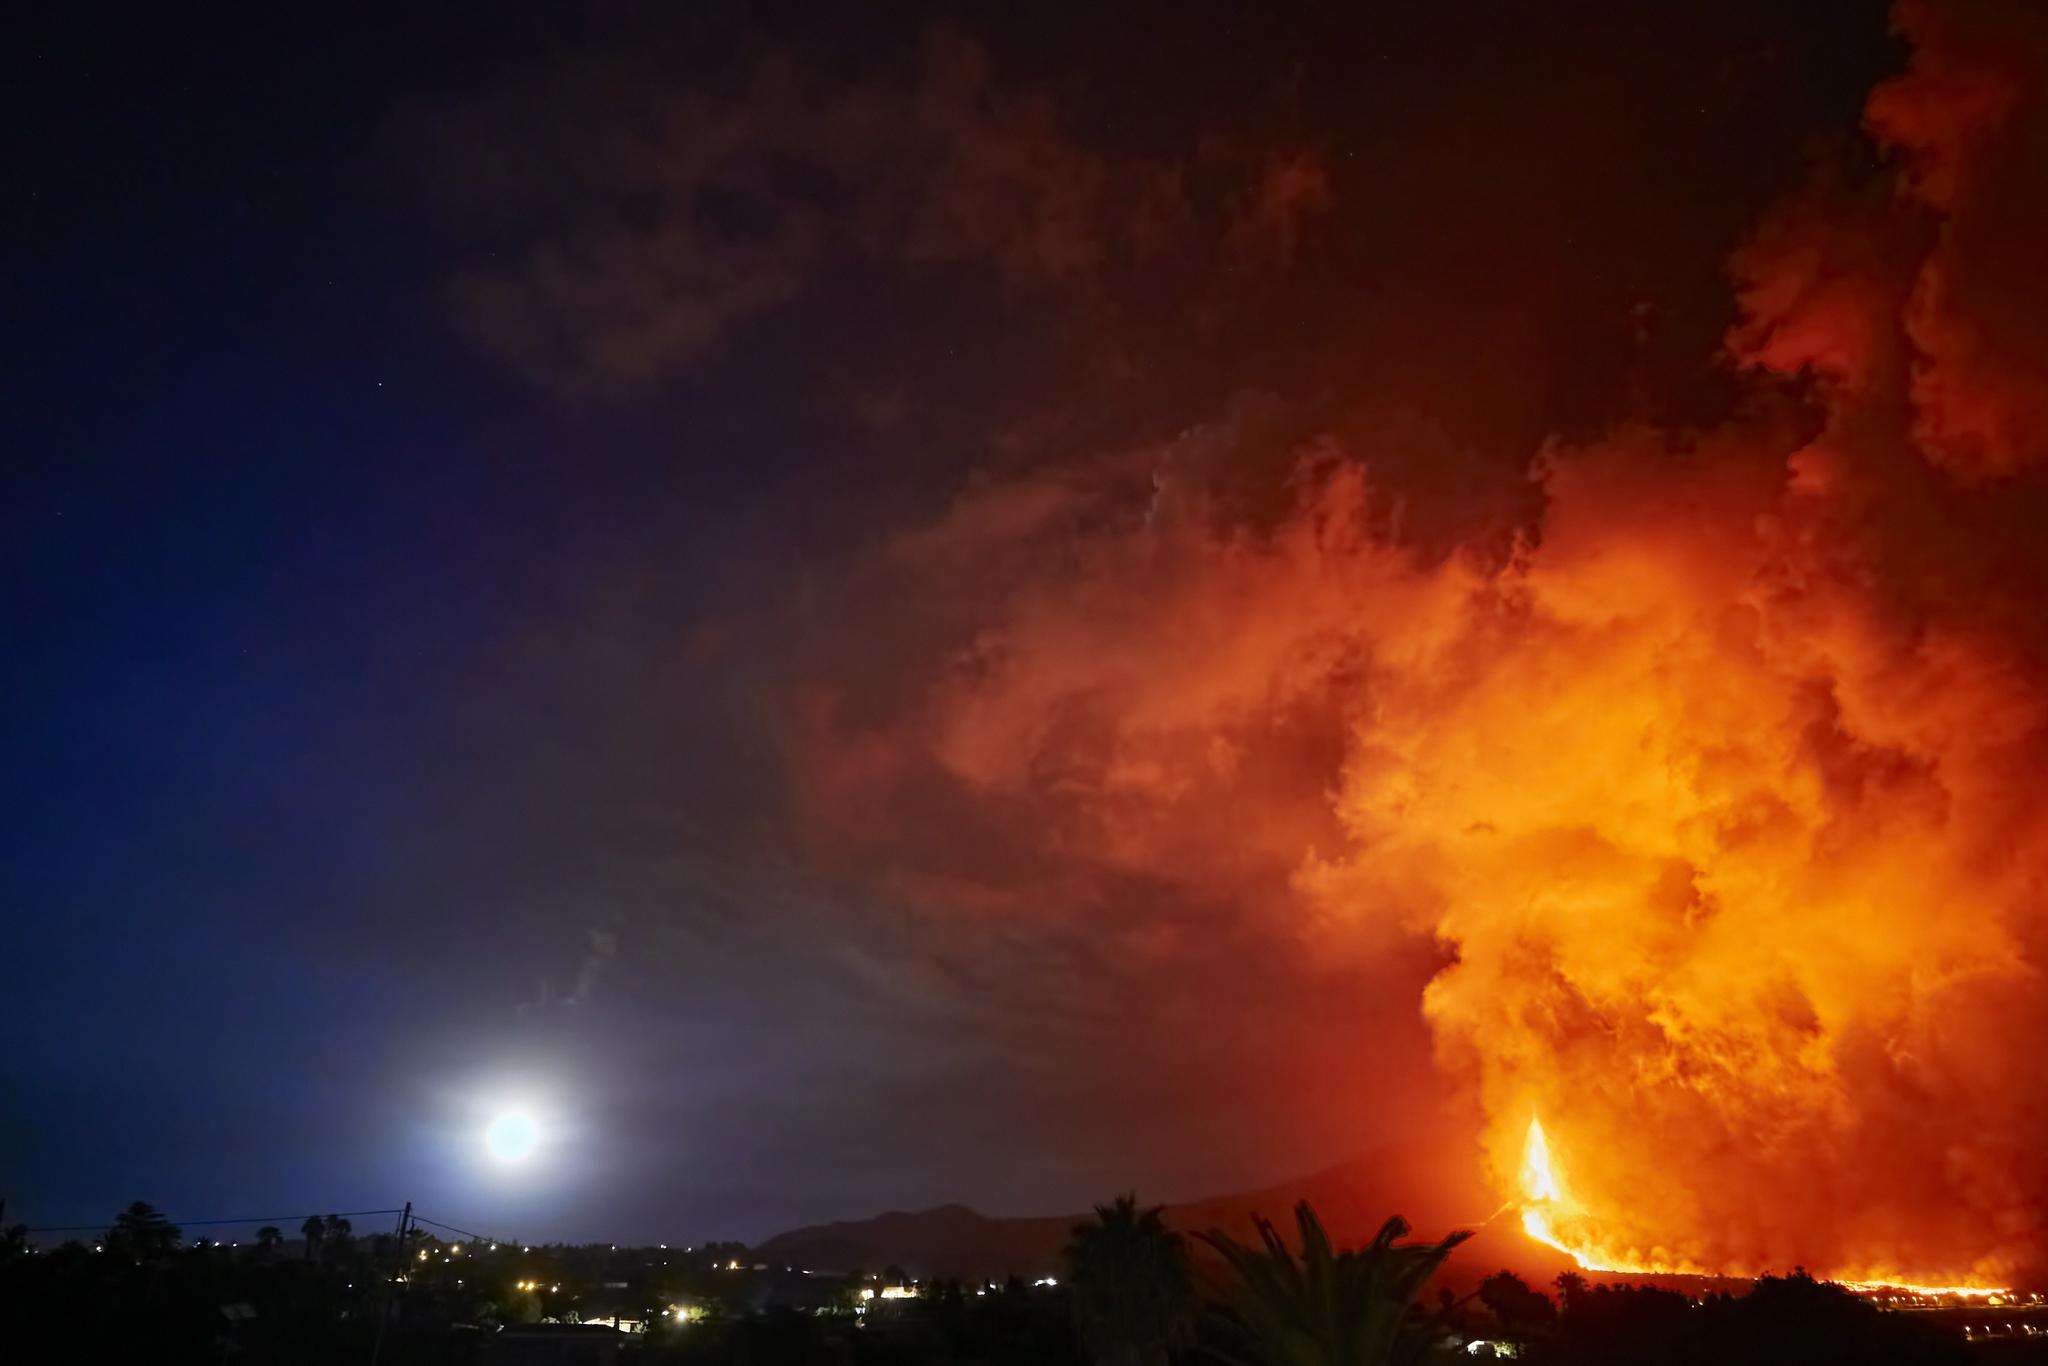 西班牙拉帕尔马岛火山猛烈喷发 大批民众紧急撤离